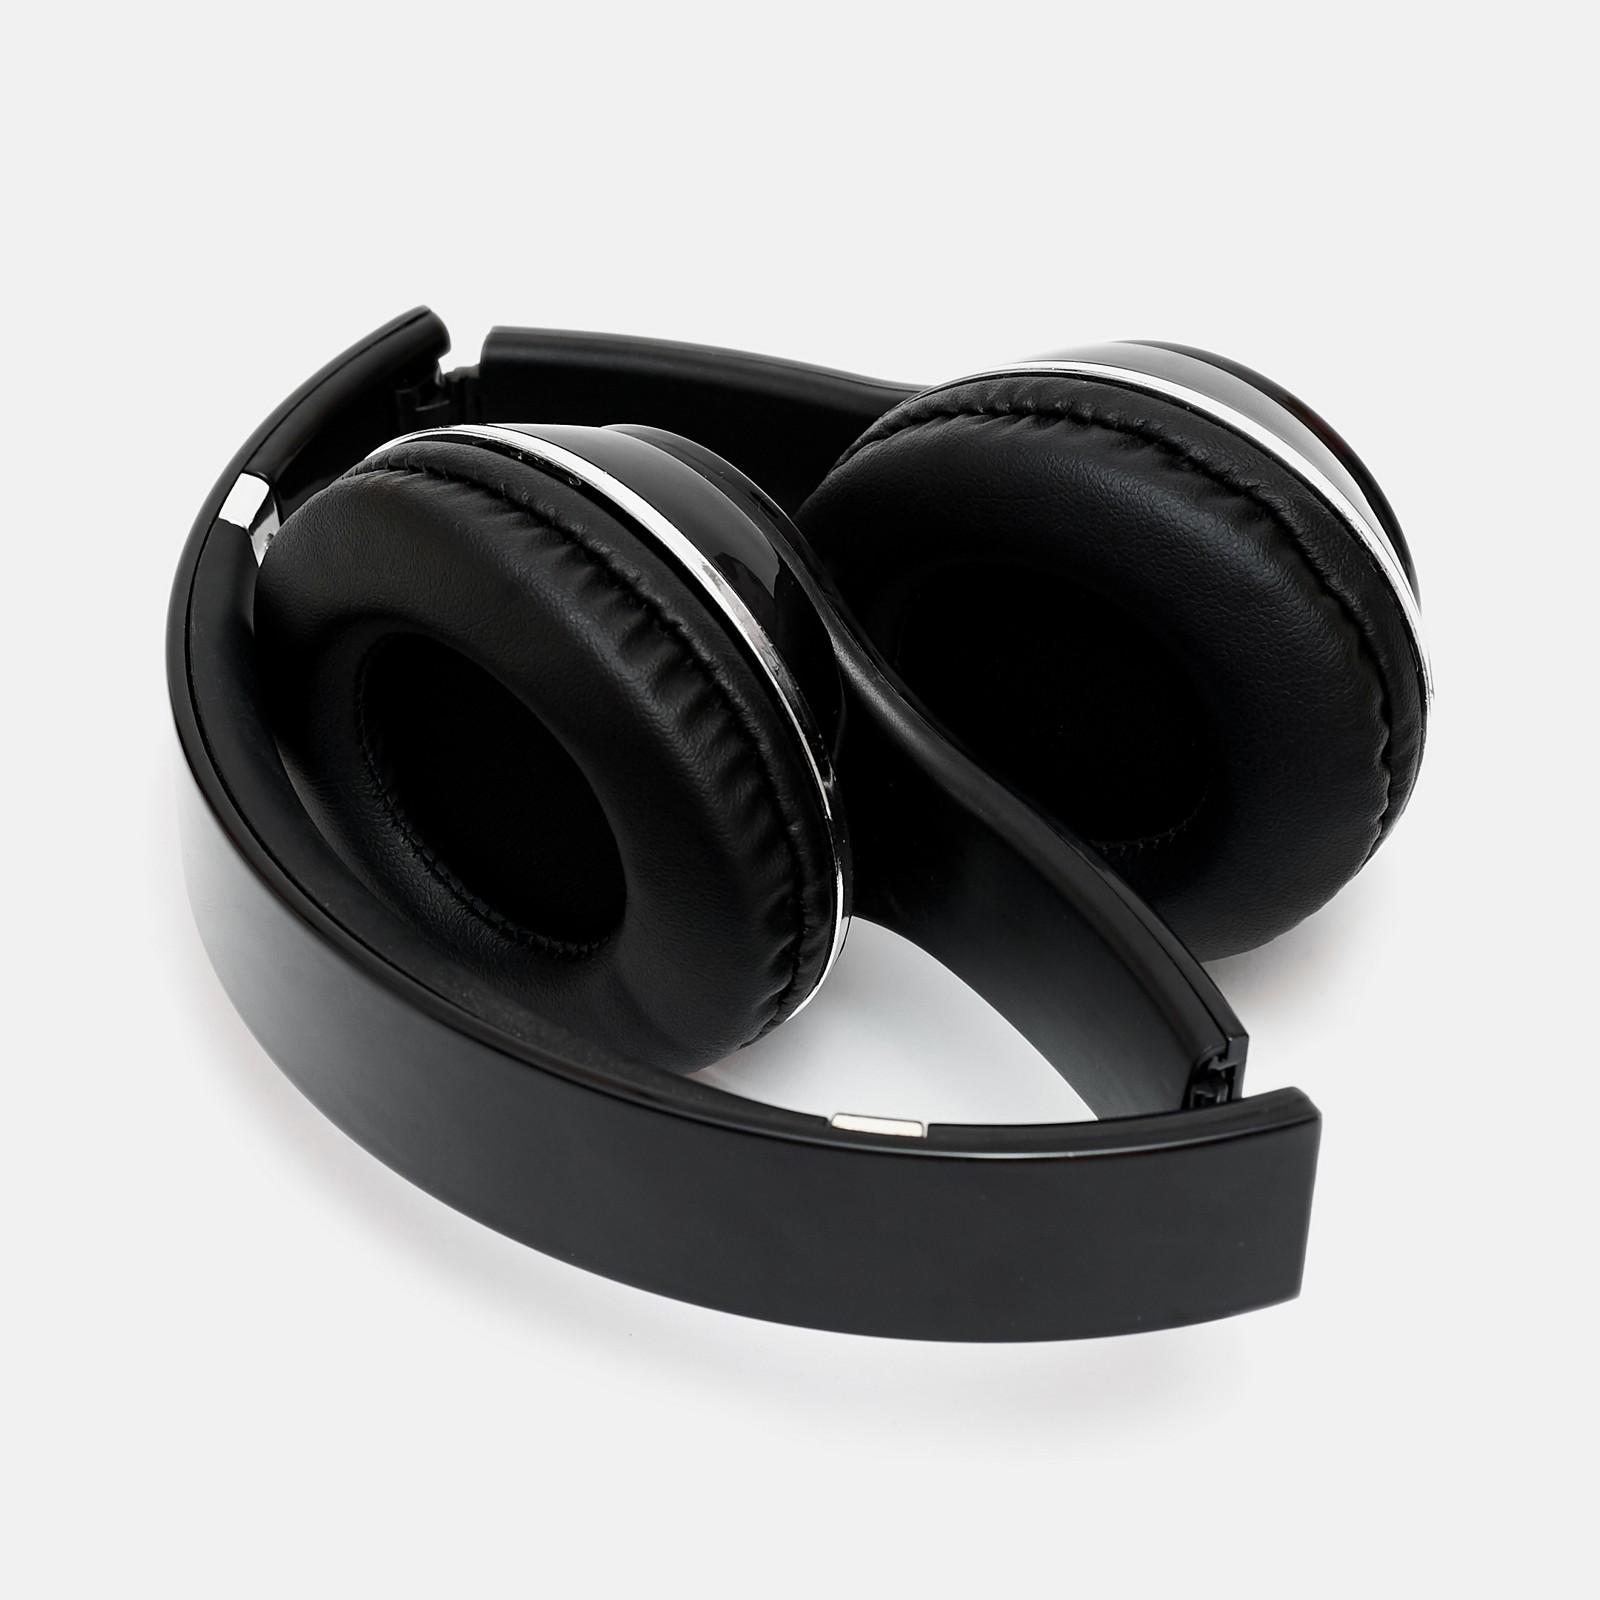 Беспроводные наушники Beats Solo HD S460 Black